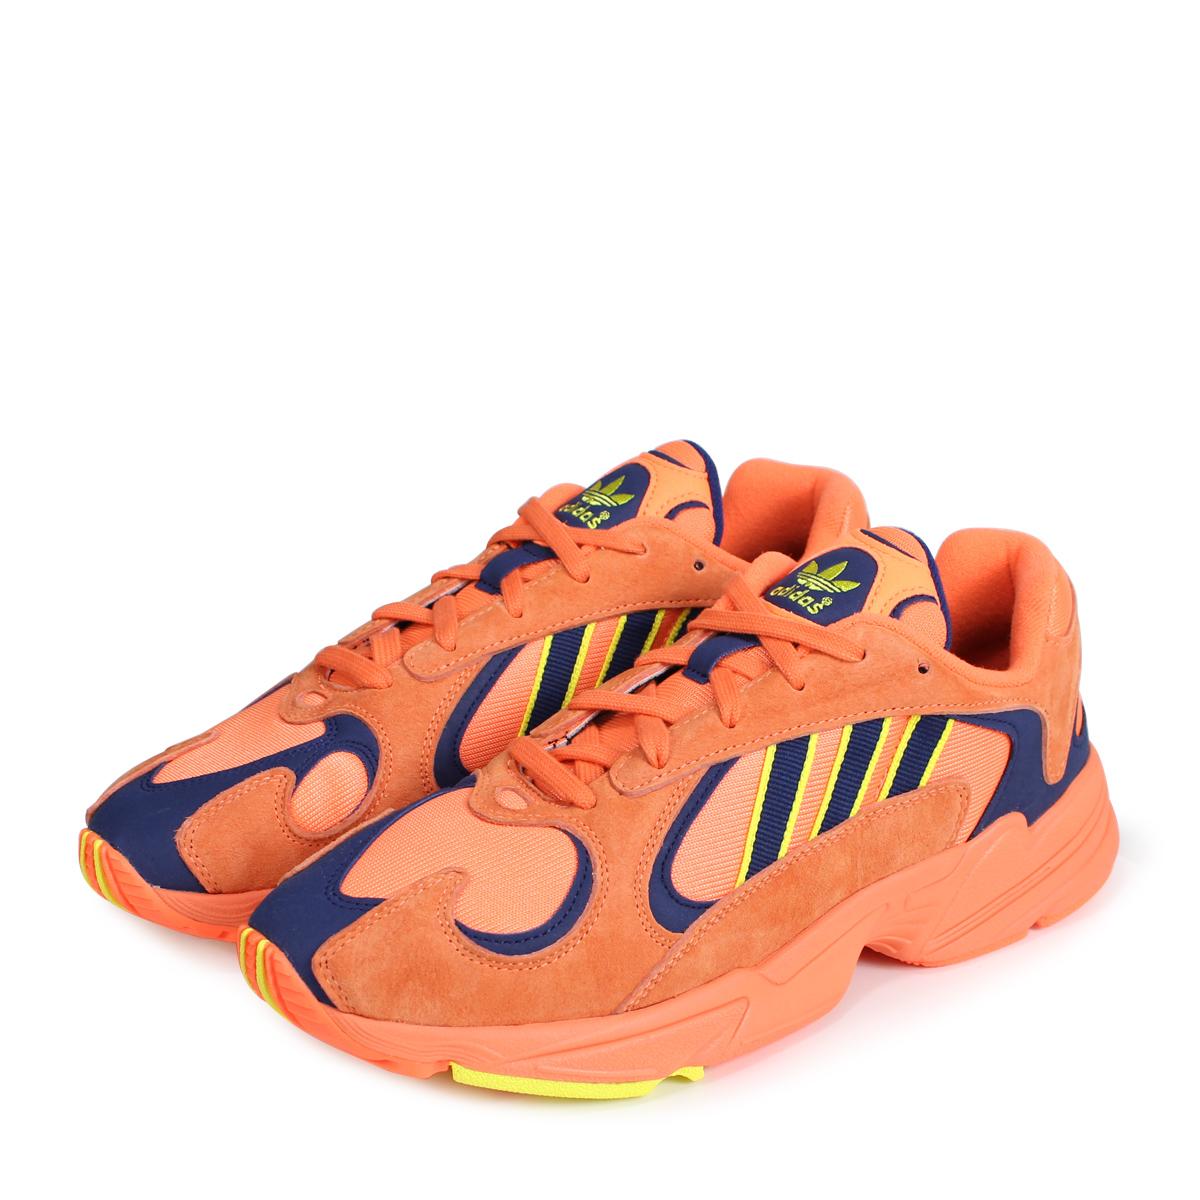 adidas Originals Yung 1 Shoes Men's